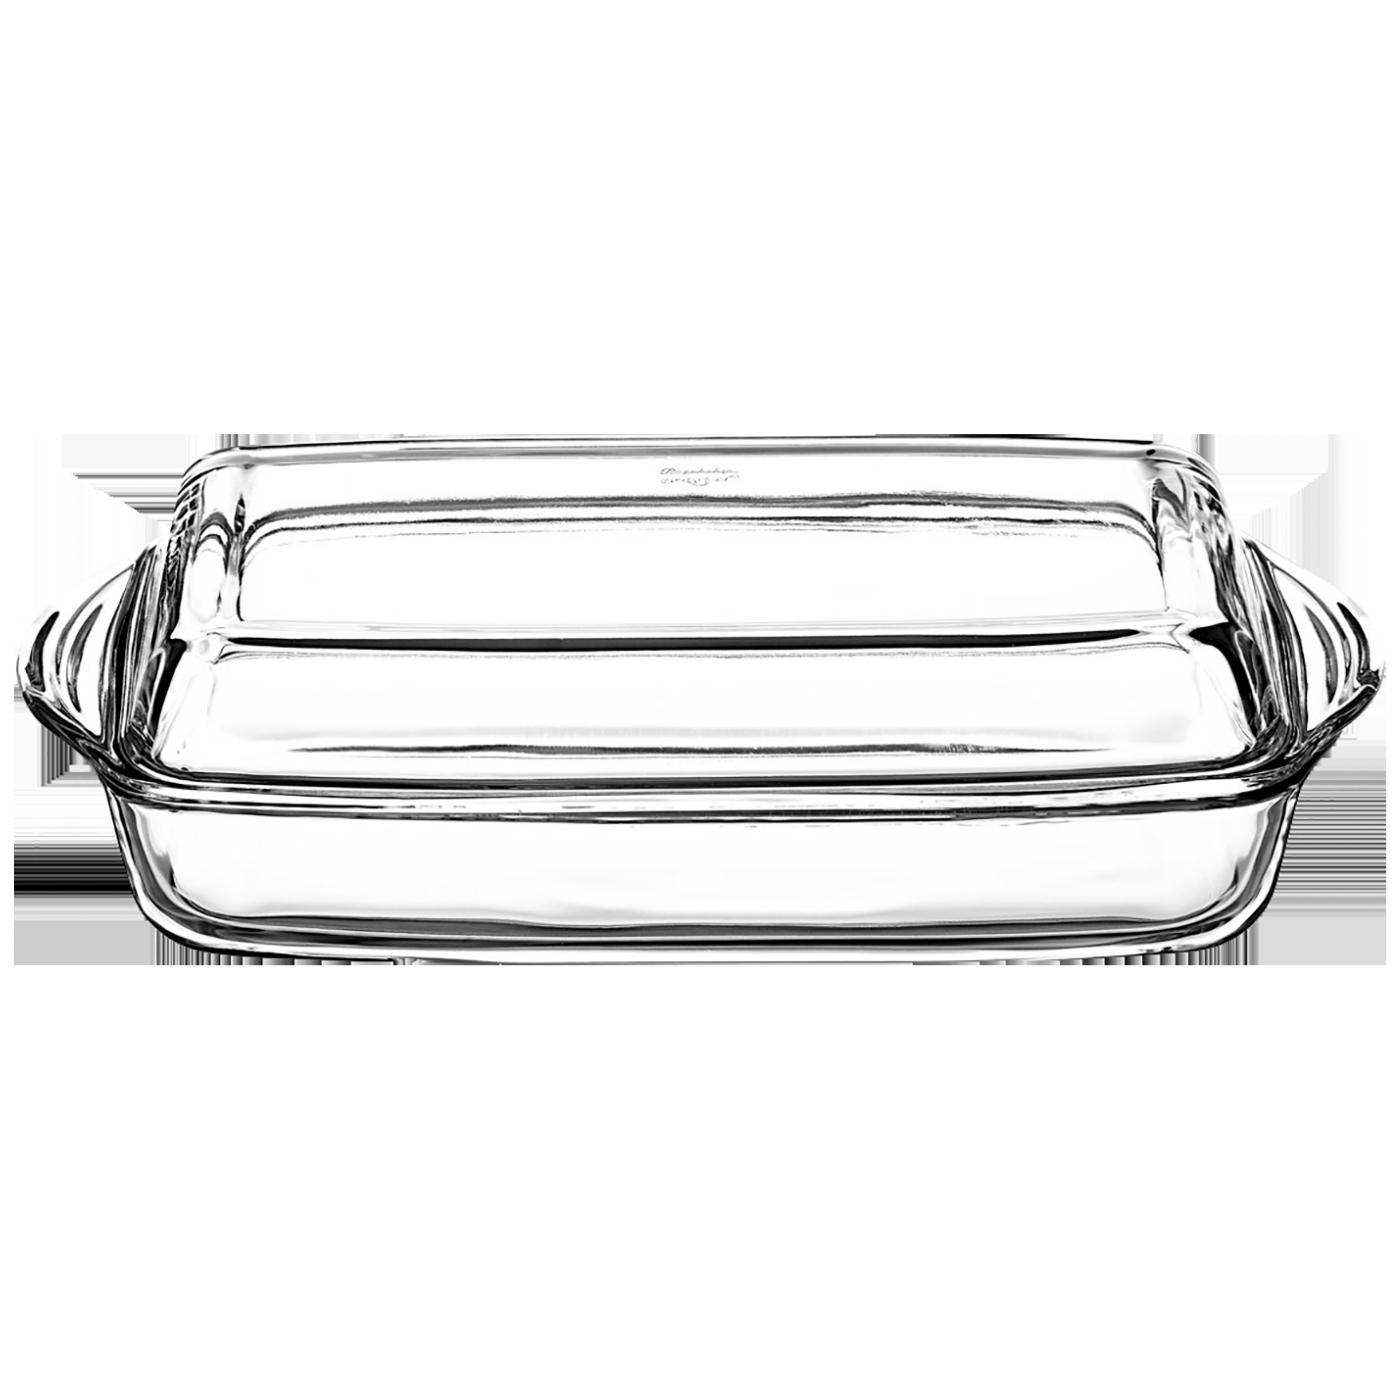 Zdjela, vatrostalna, 1.5lit